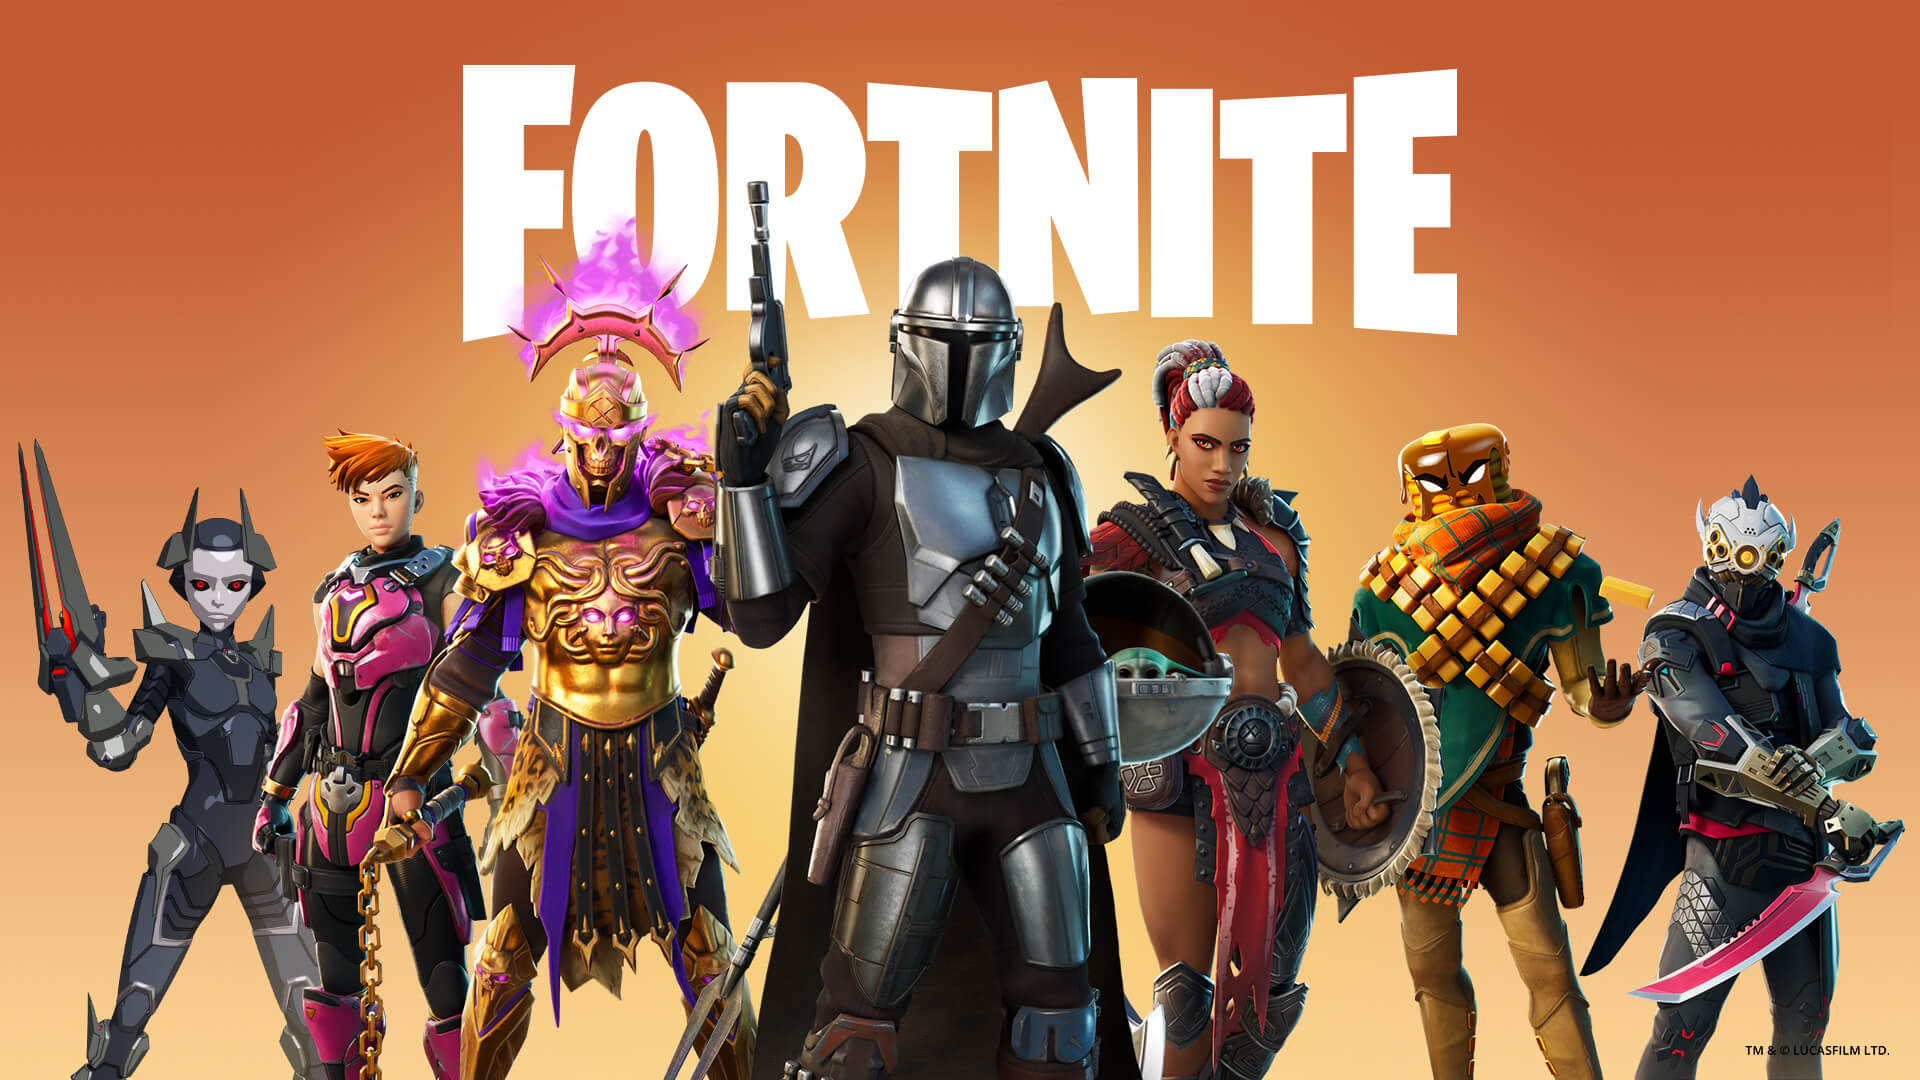 Fortnite benzeri en iyi 5 battle royale oyunu Fornite tarzı alternatif oyunlar arayan kullanıcılar için alternatifleri bir araya getirdik. En iyi ...